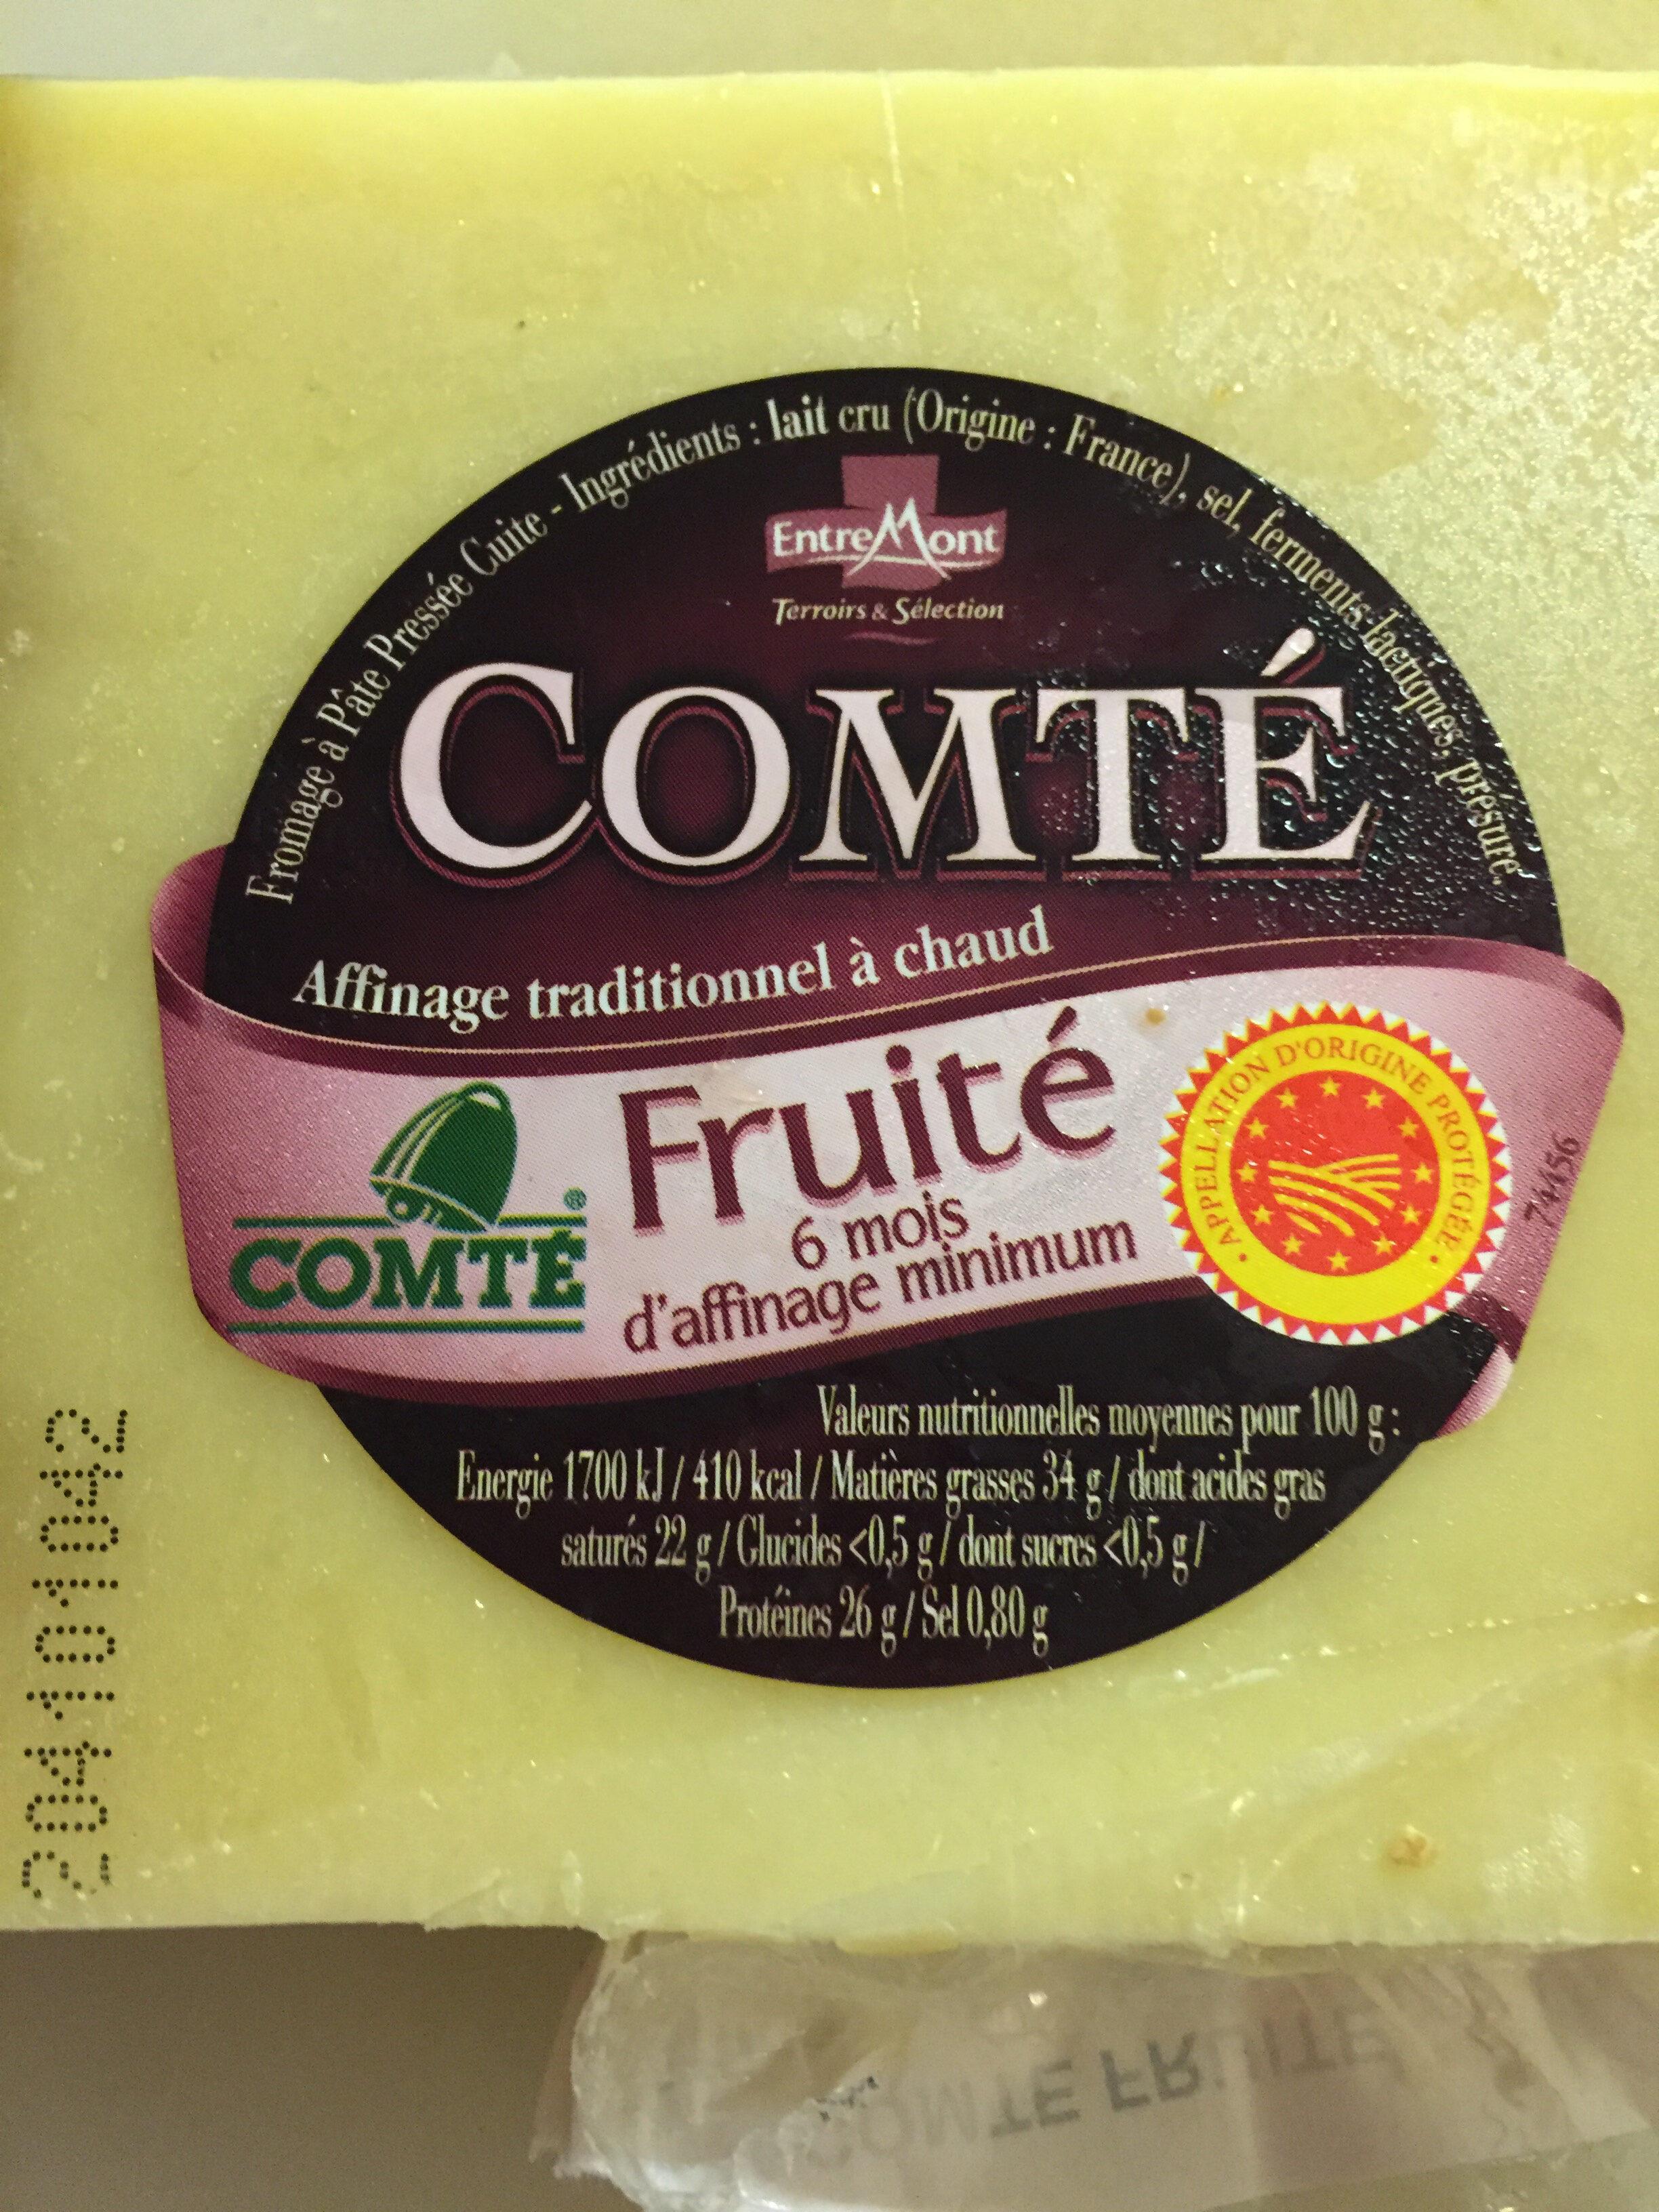 Comté Fruité 6 mois EntreMont - Product